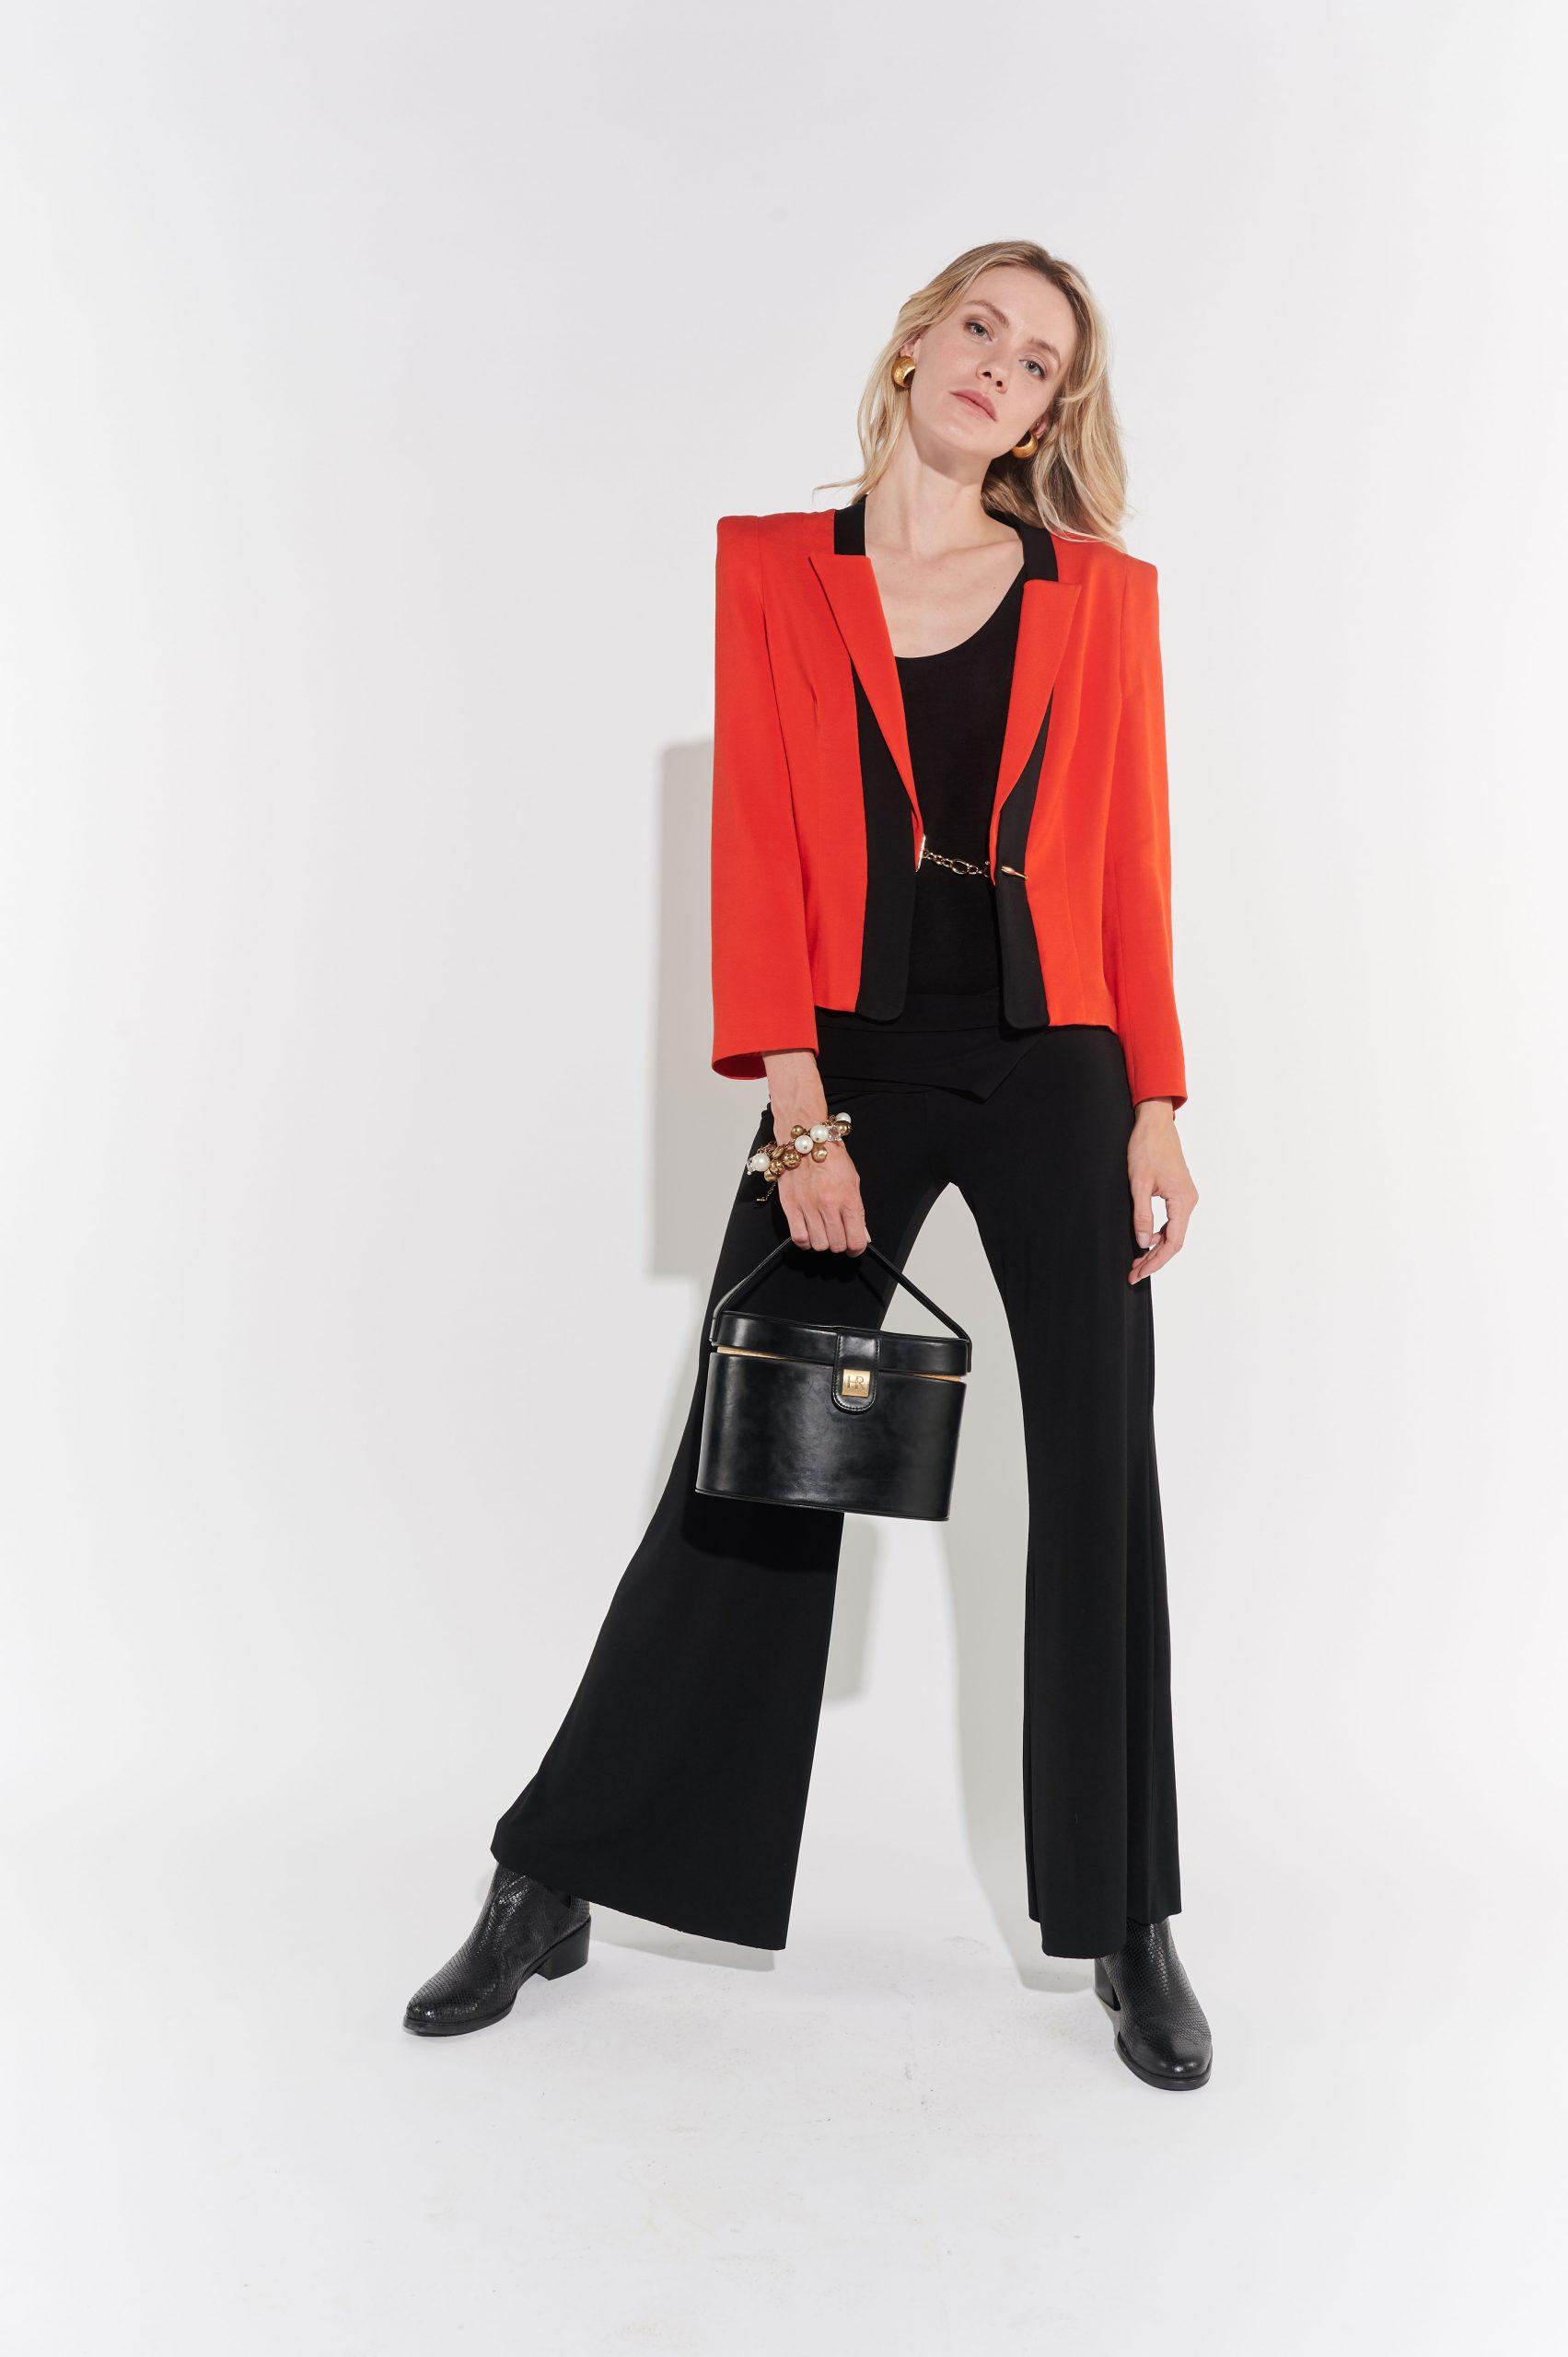 90lar kırmızı gabardin kumaş kısa vintage ceket